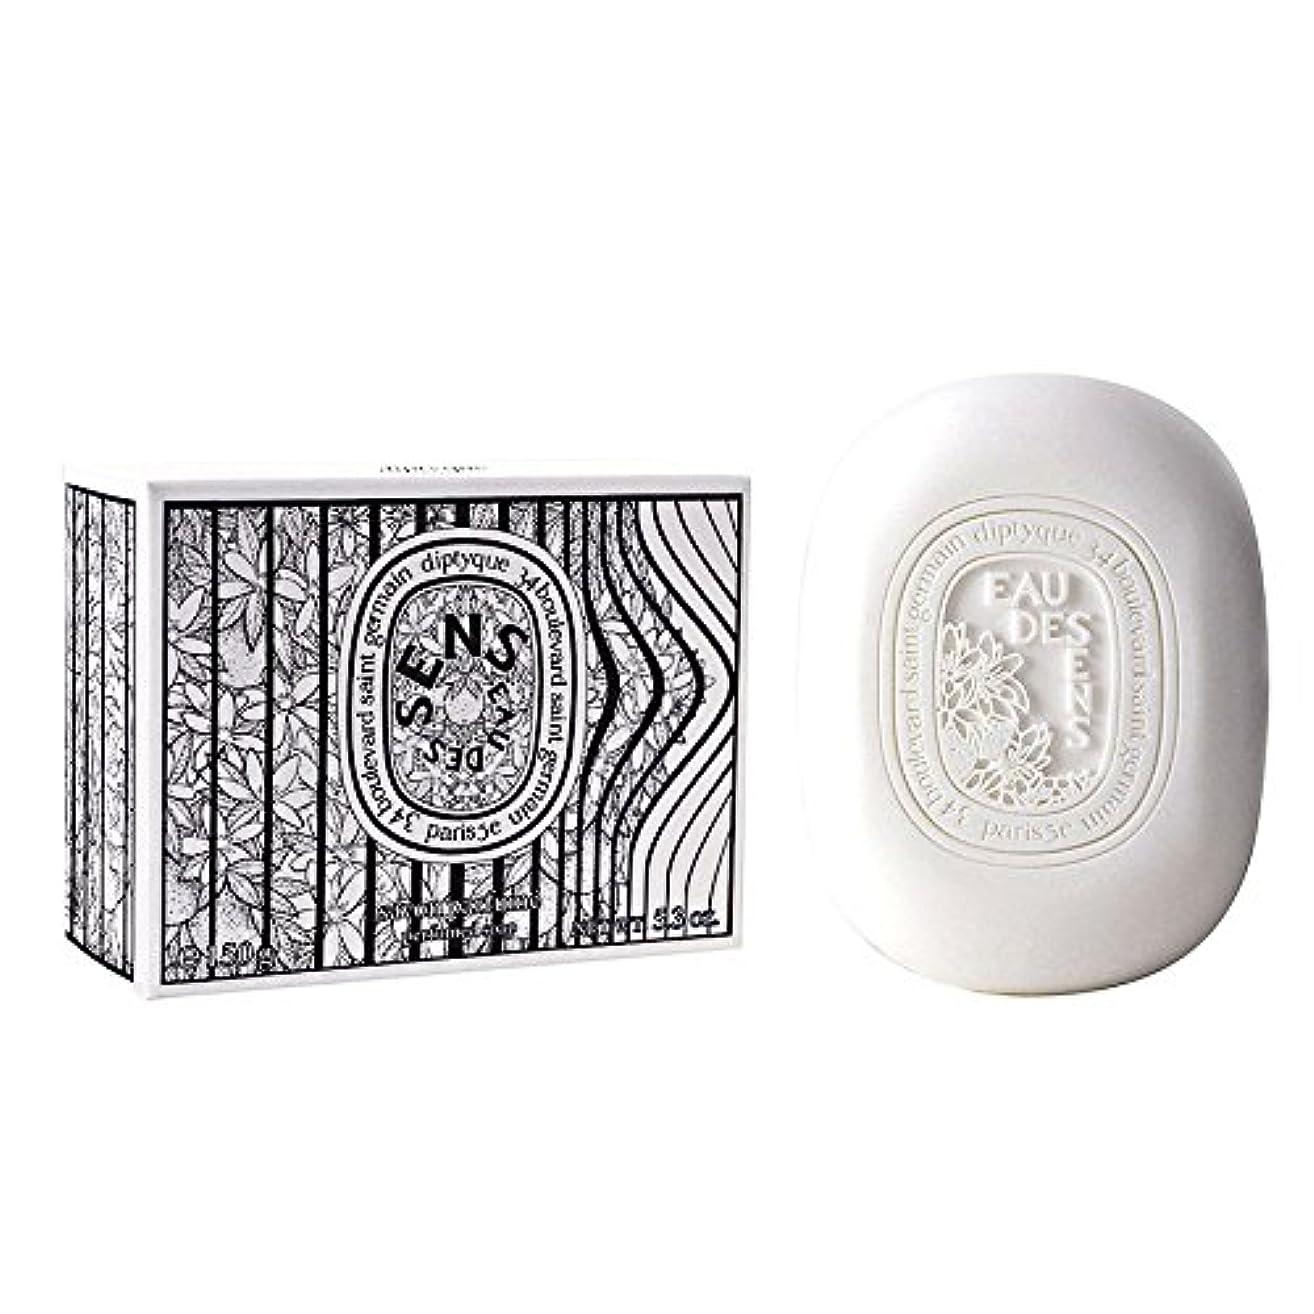 協力的祝福する小売Diptyque Eau Des Sens (ディプティック オー デ センス) 150g Soap (石けん) for Women